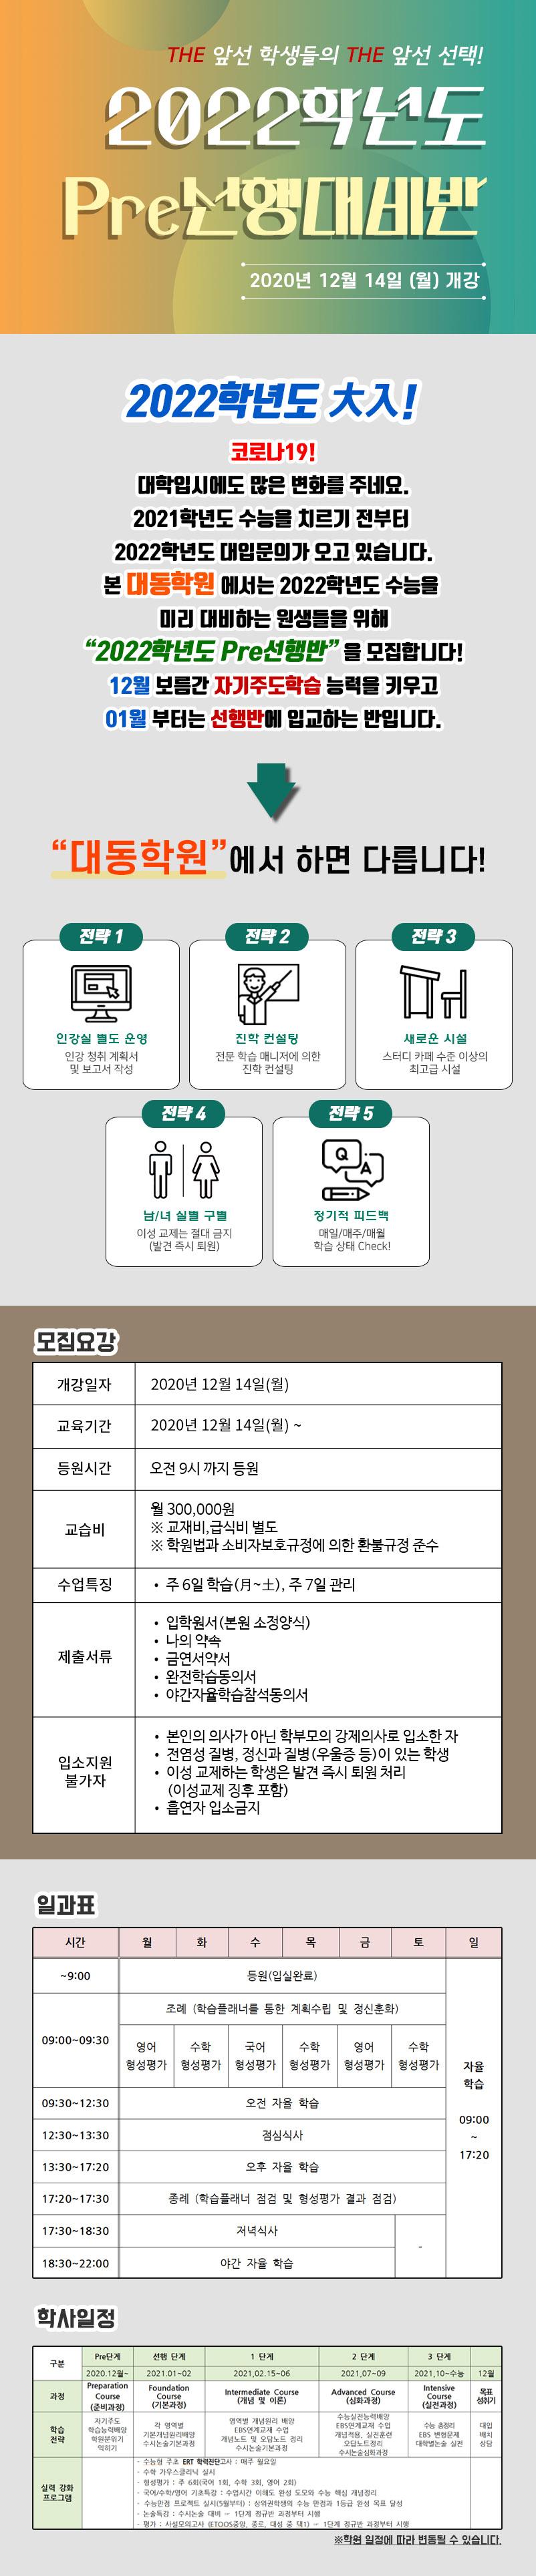 대동 2022학년도선행대비반.jpg